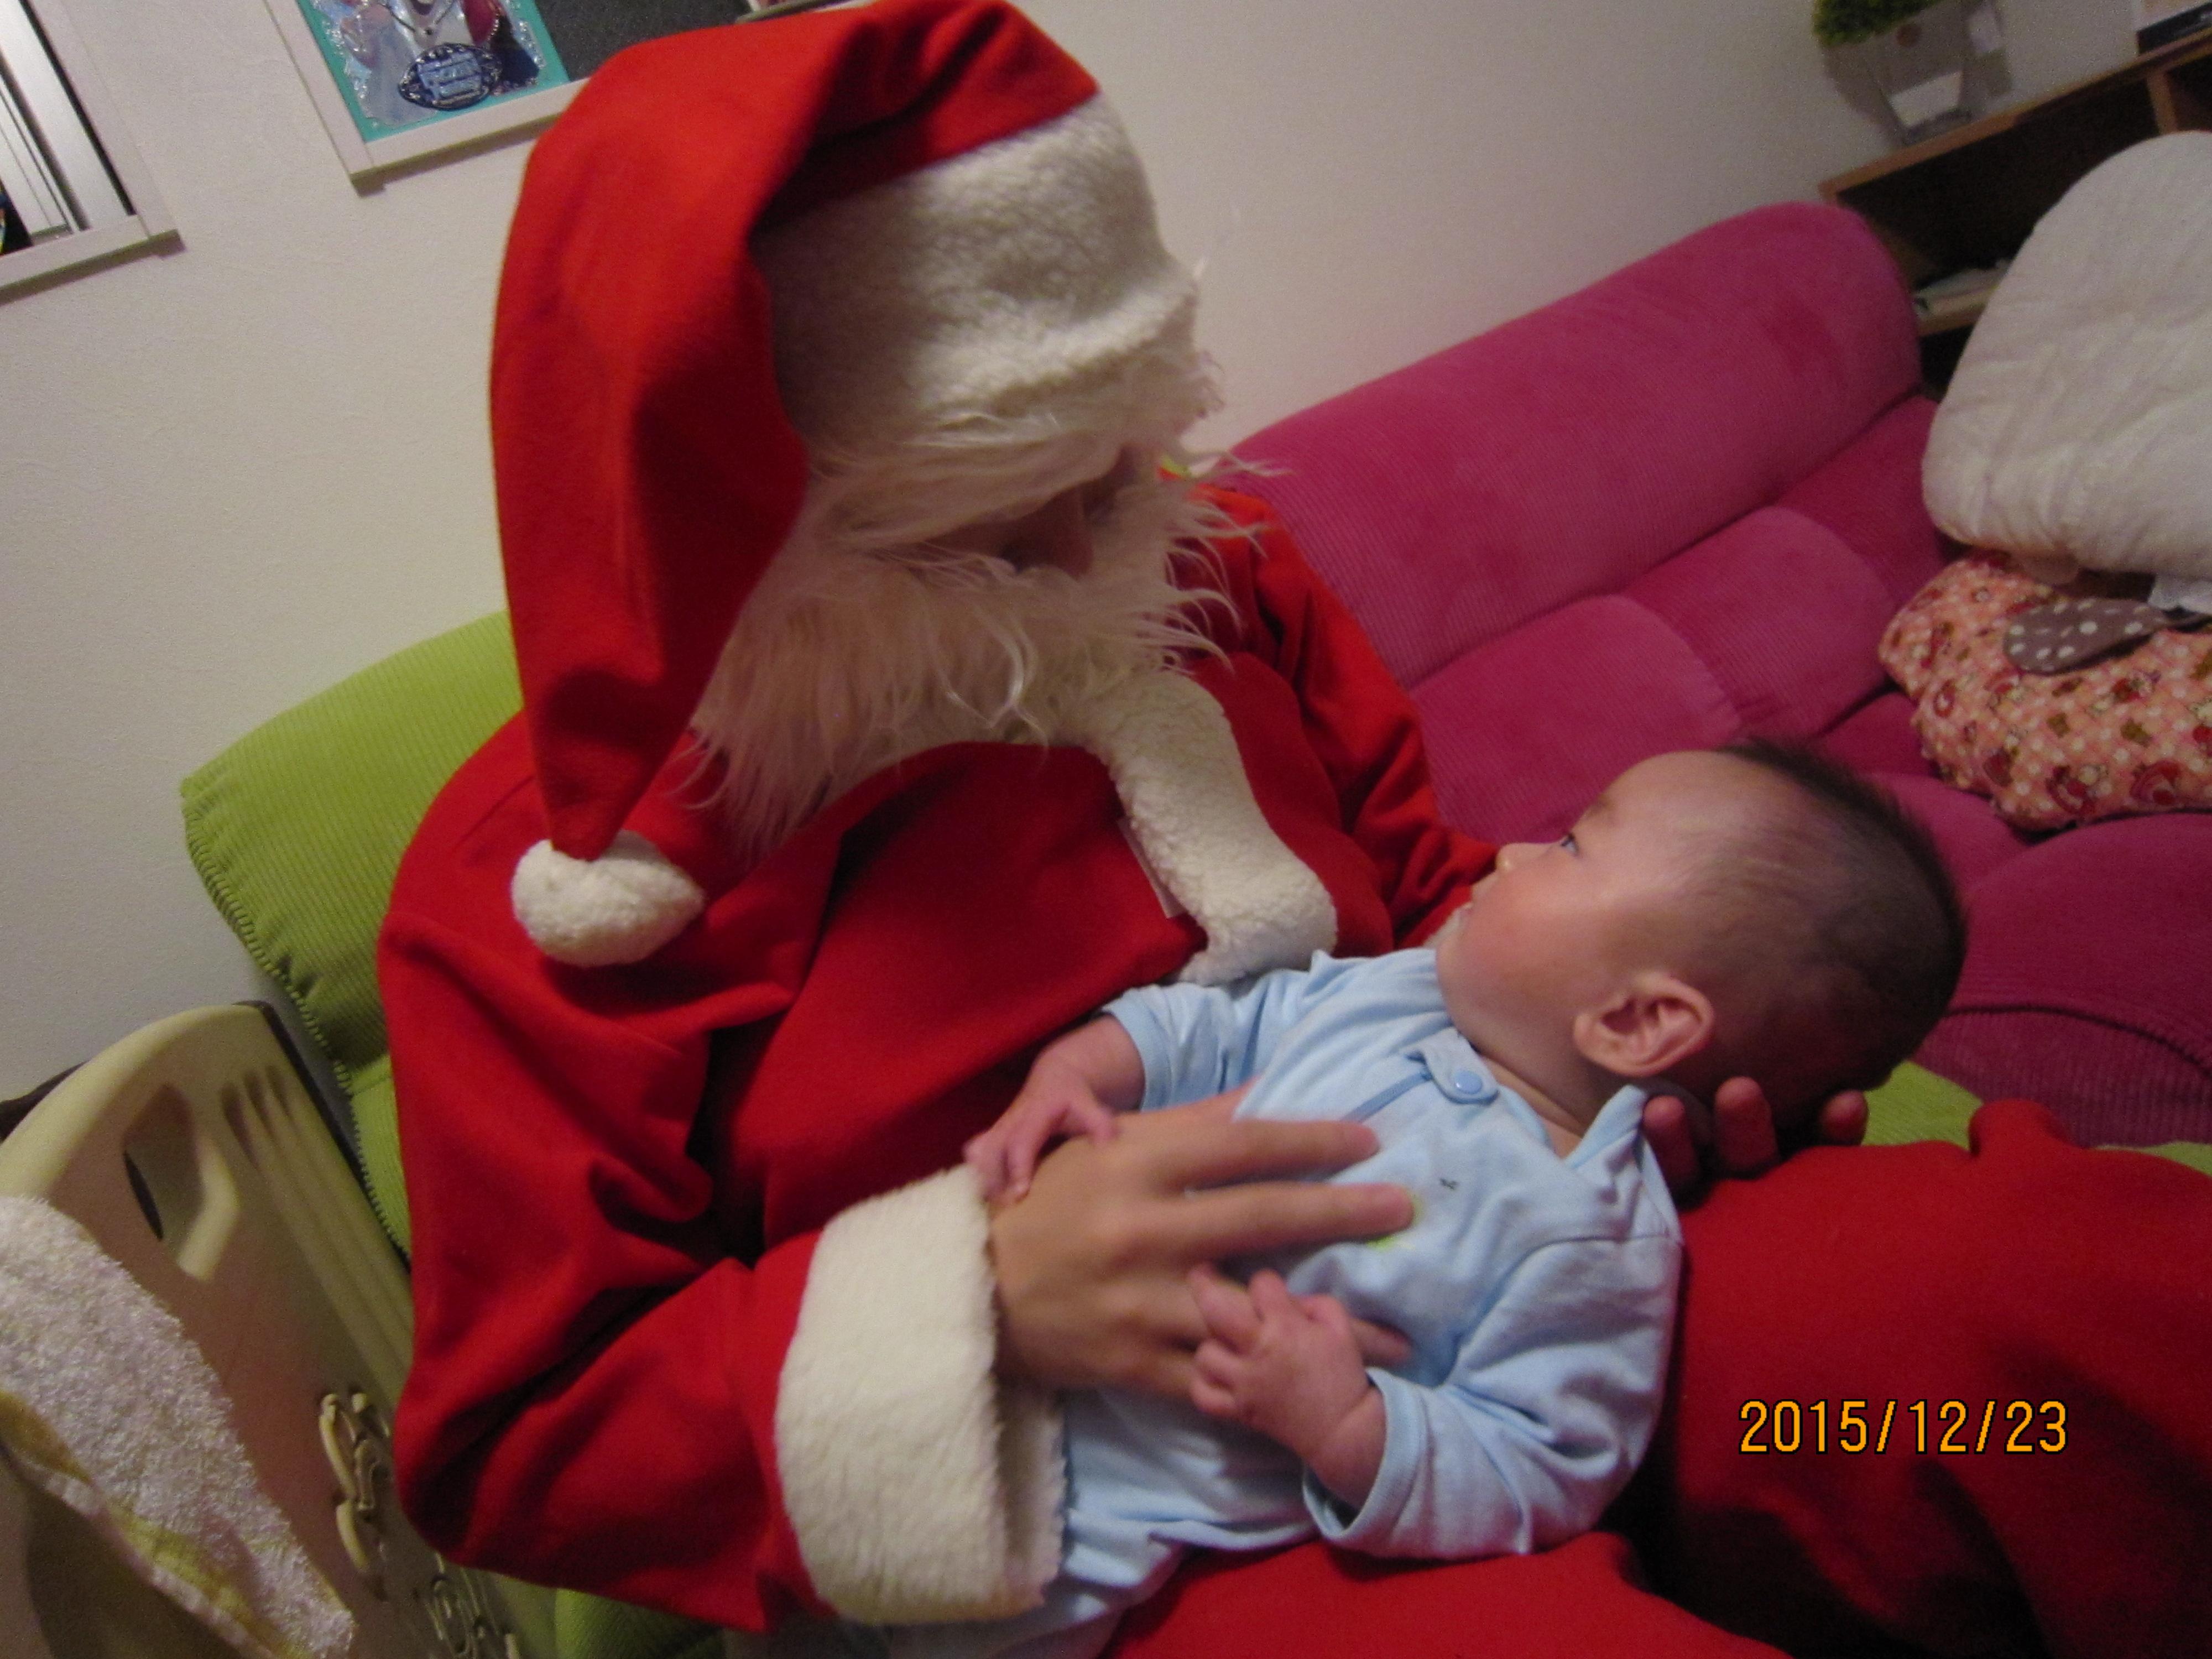 無事、サンタを終えて、家族のもとへ